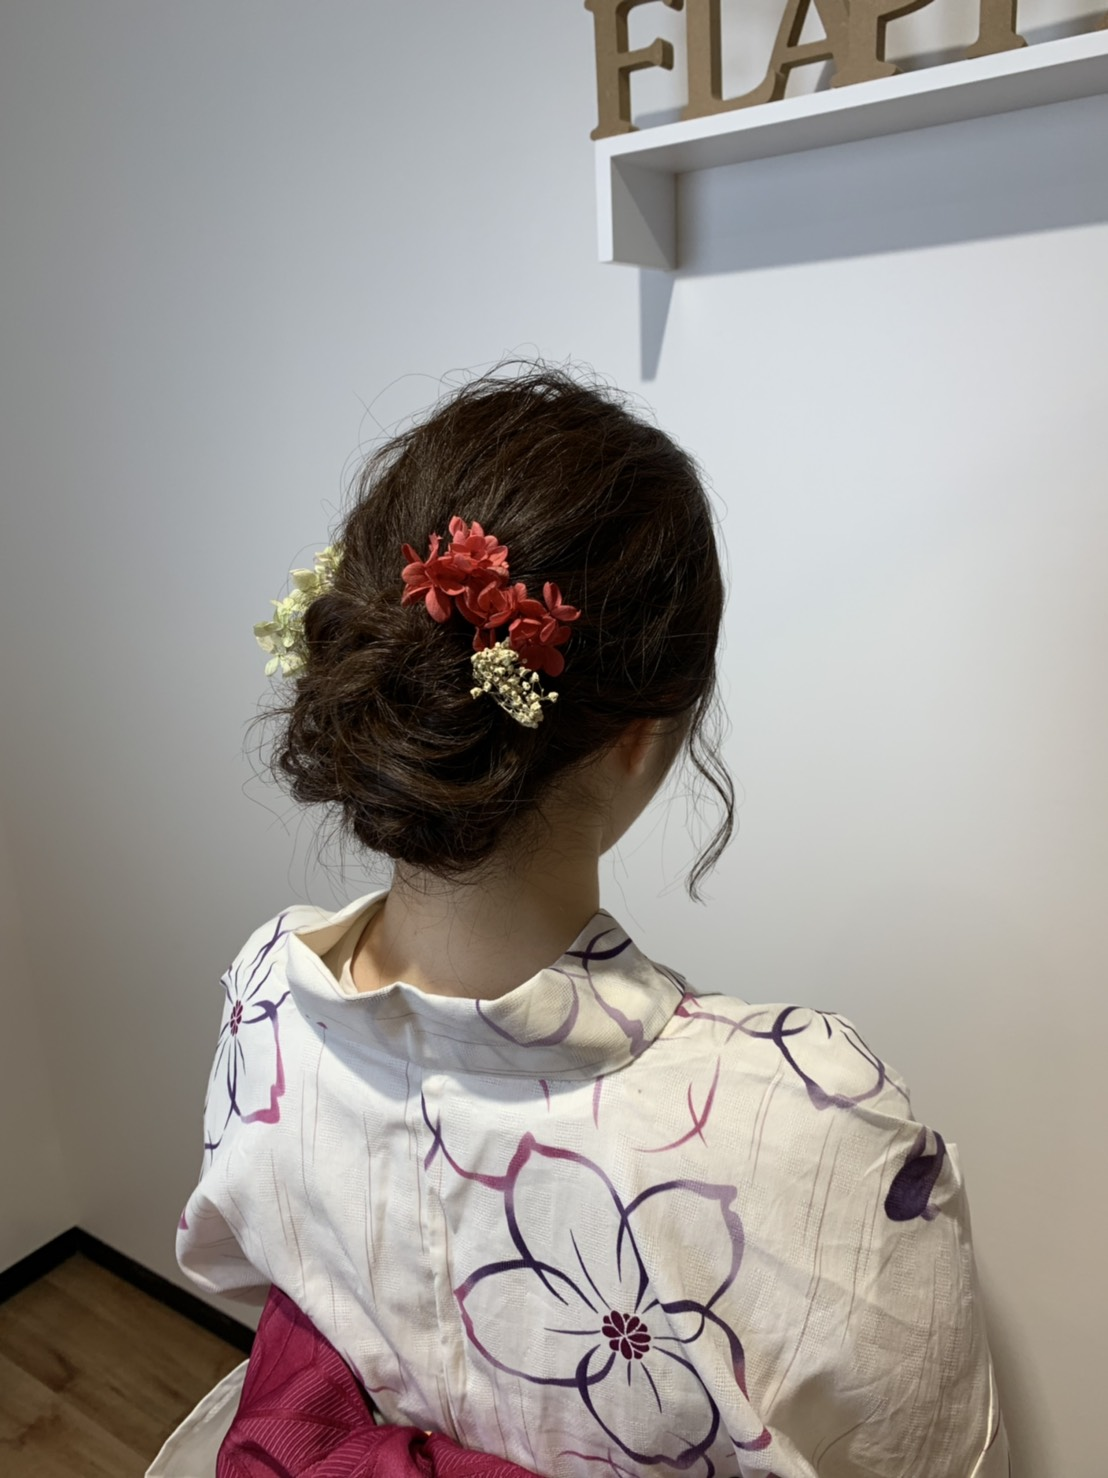 S  31023109 - Hair Gallery